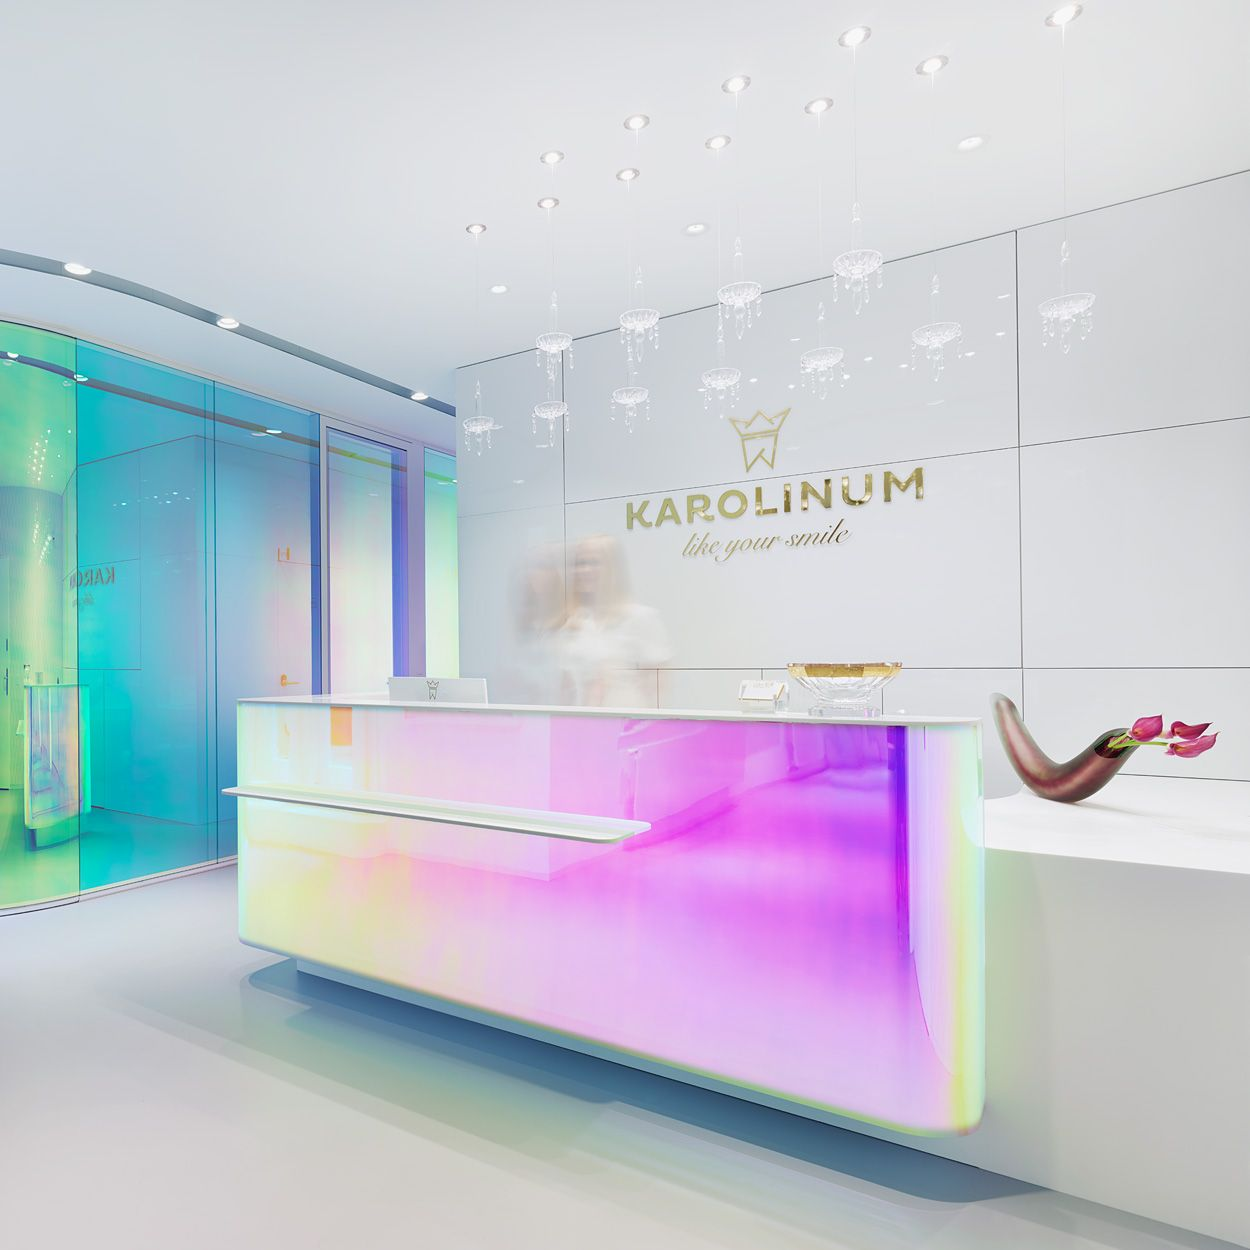 dentální centrum Karolinum vPraze